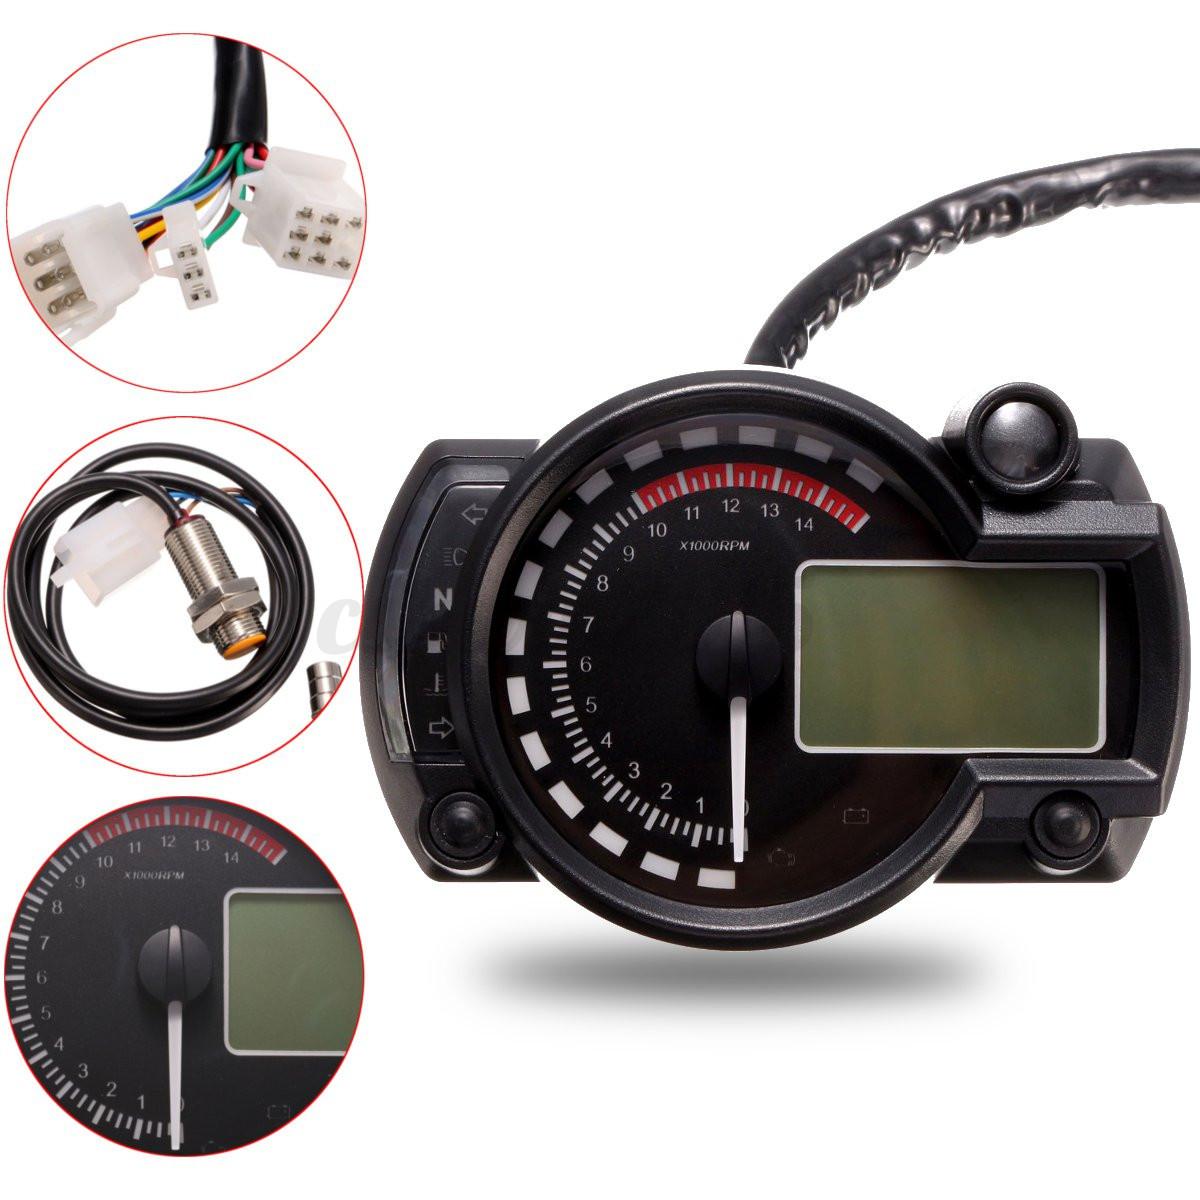 Universal Digital Lcd Backlight Motorcycle Speedometer